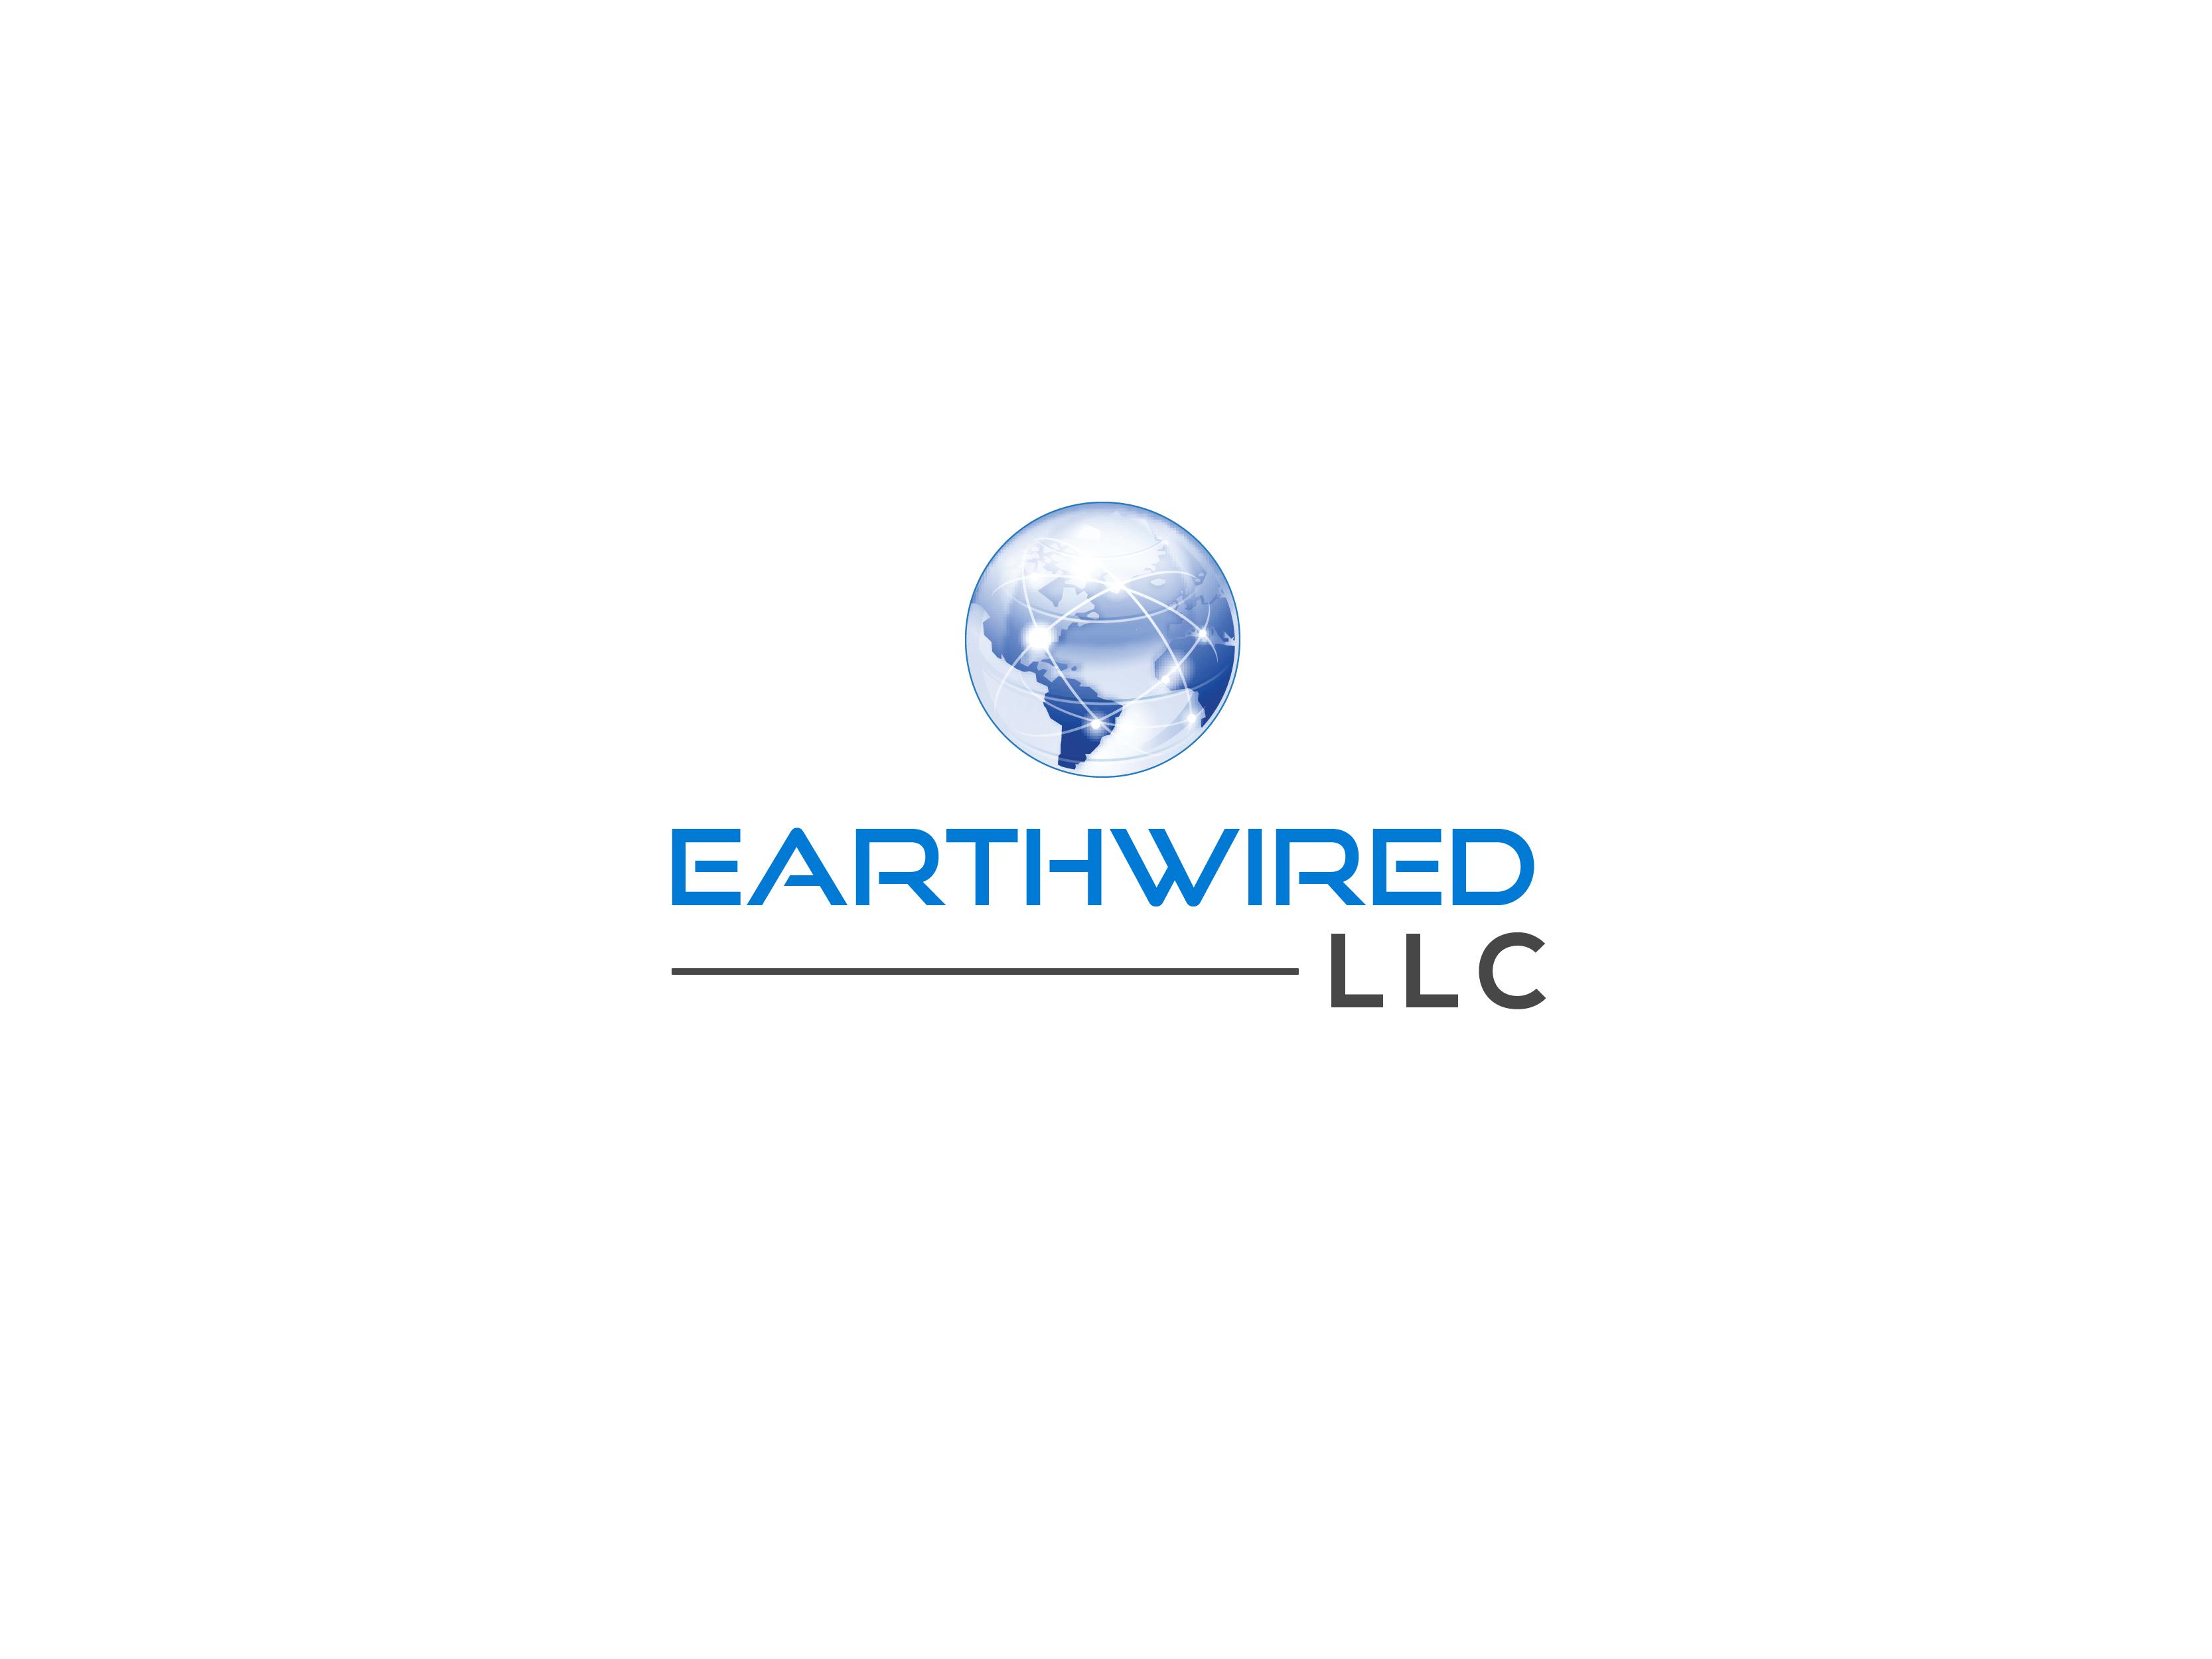 blue-logo-white-backgruound